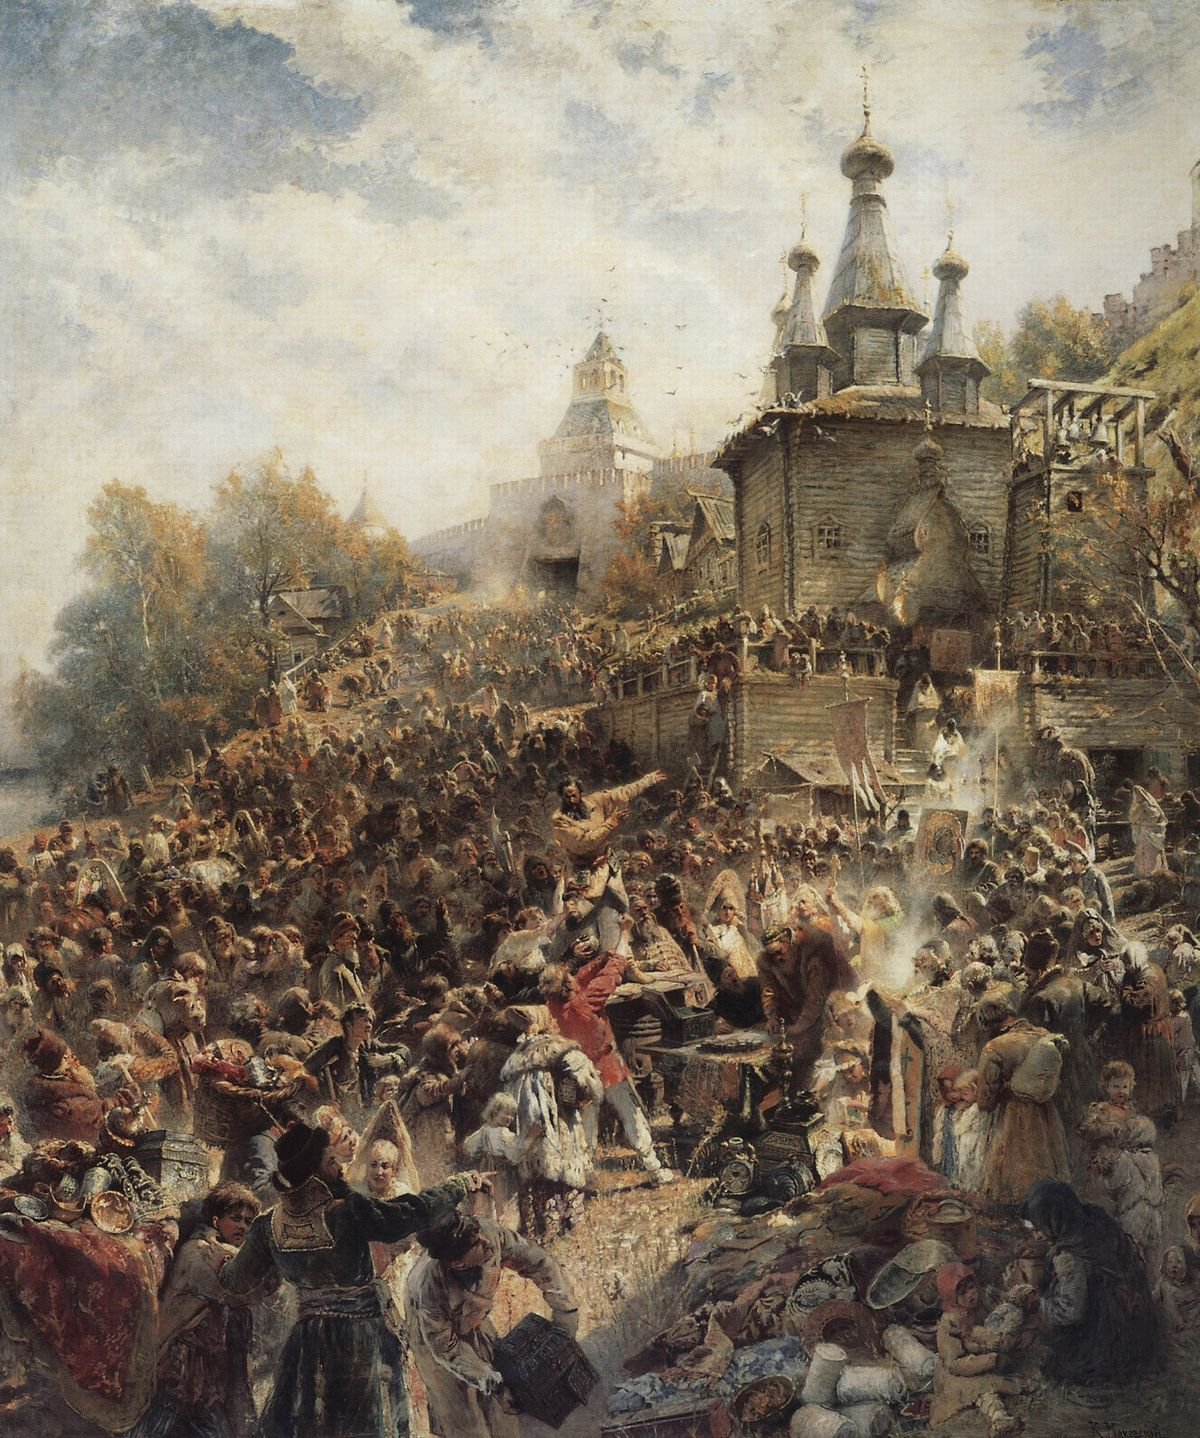 Одна из самых известных картин о Смуте — «Воззвание Минина к нижегородцам» (1896). Это вторая по величине картина в России